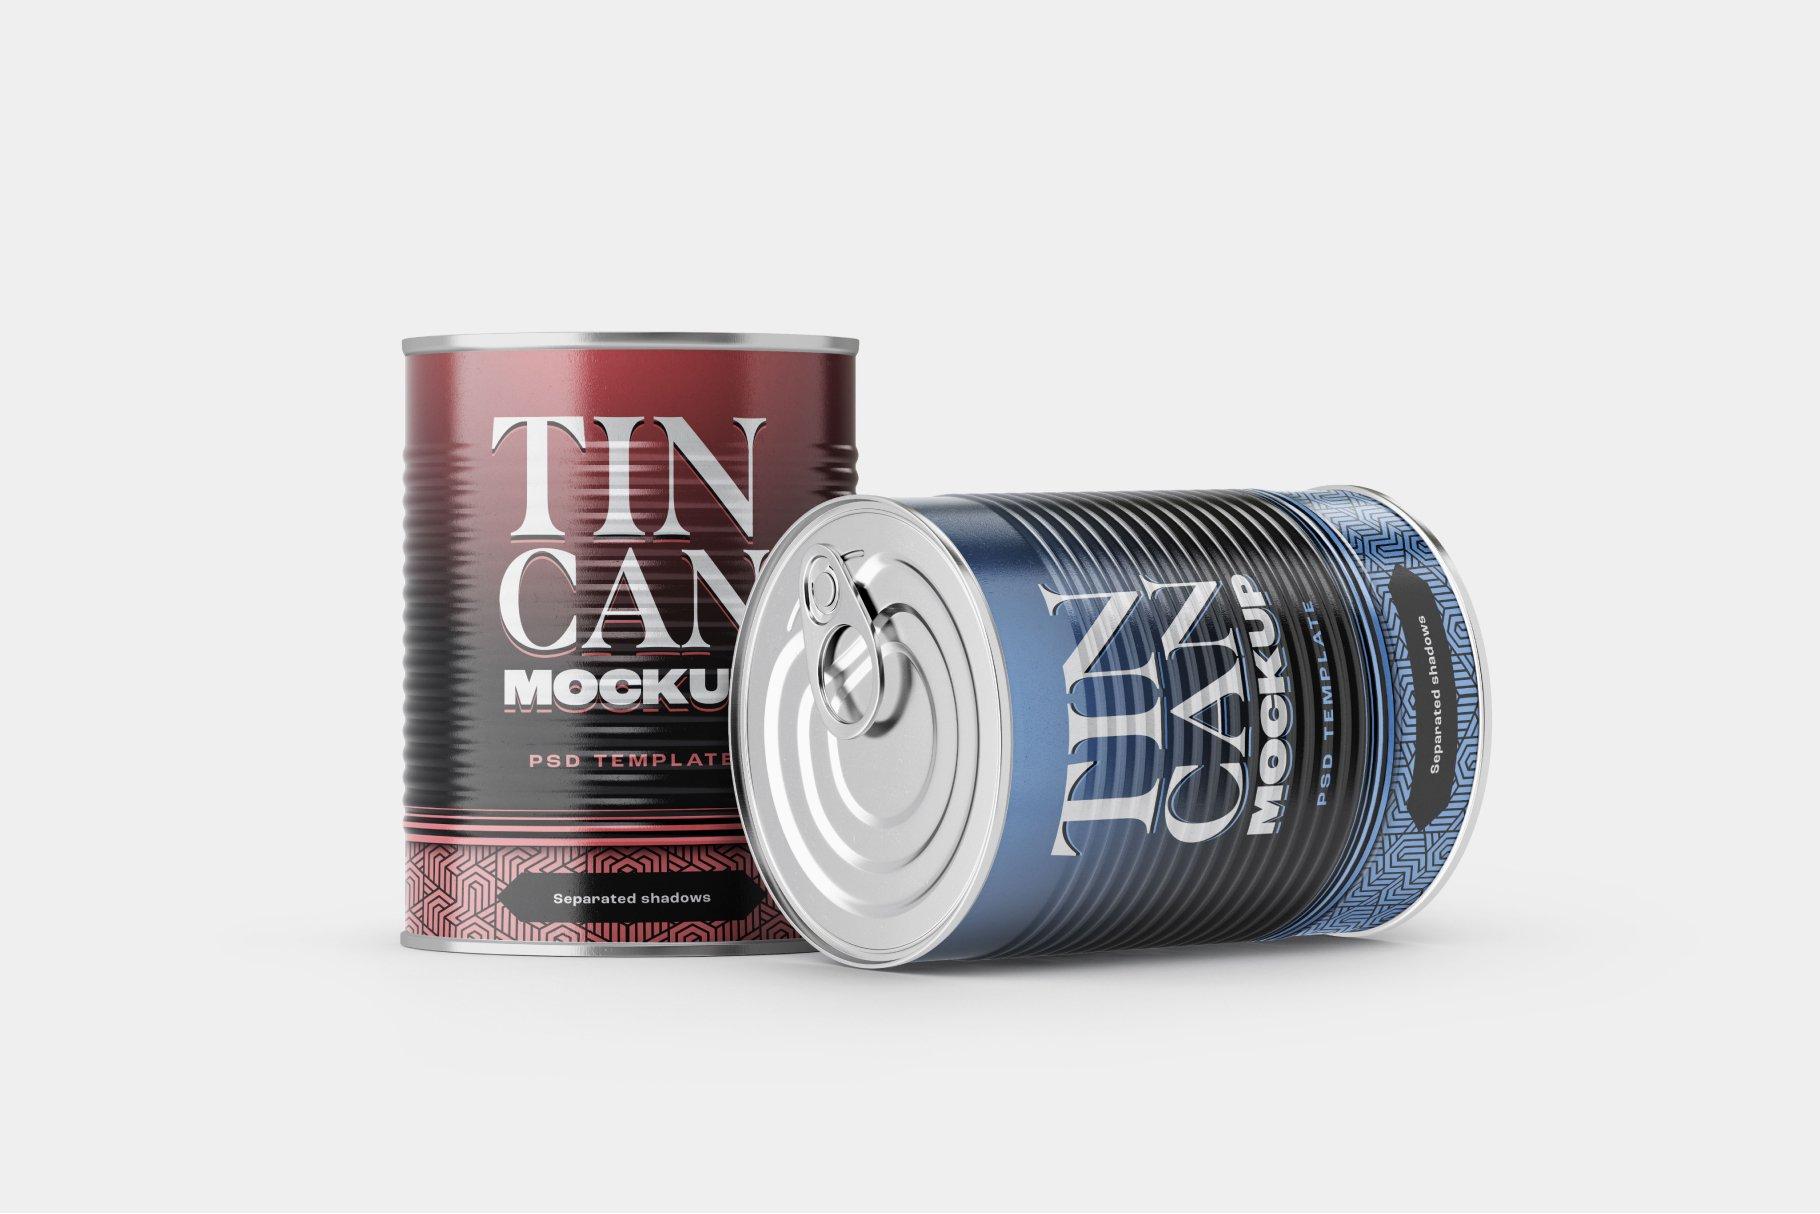 9款食品罐头金属锡罐包装样机模板素材合集 Tin Can Mockup Set | Conserve插图8